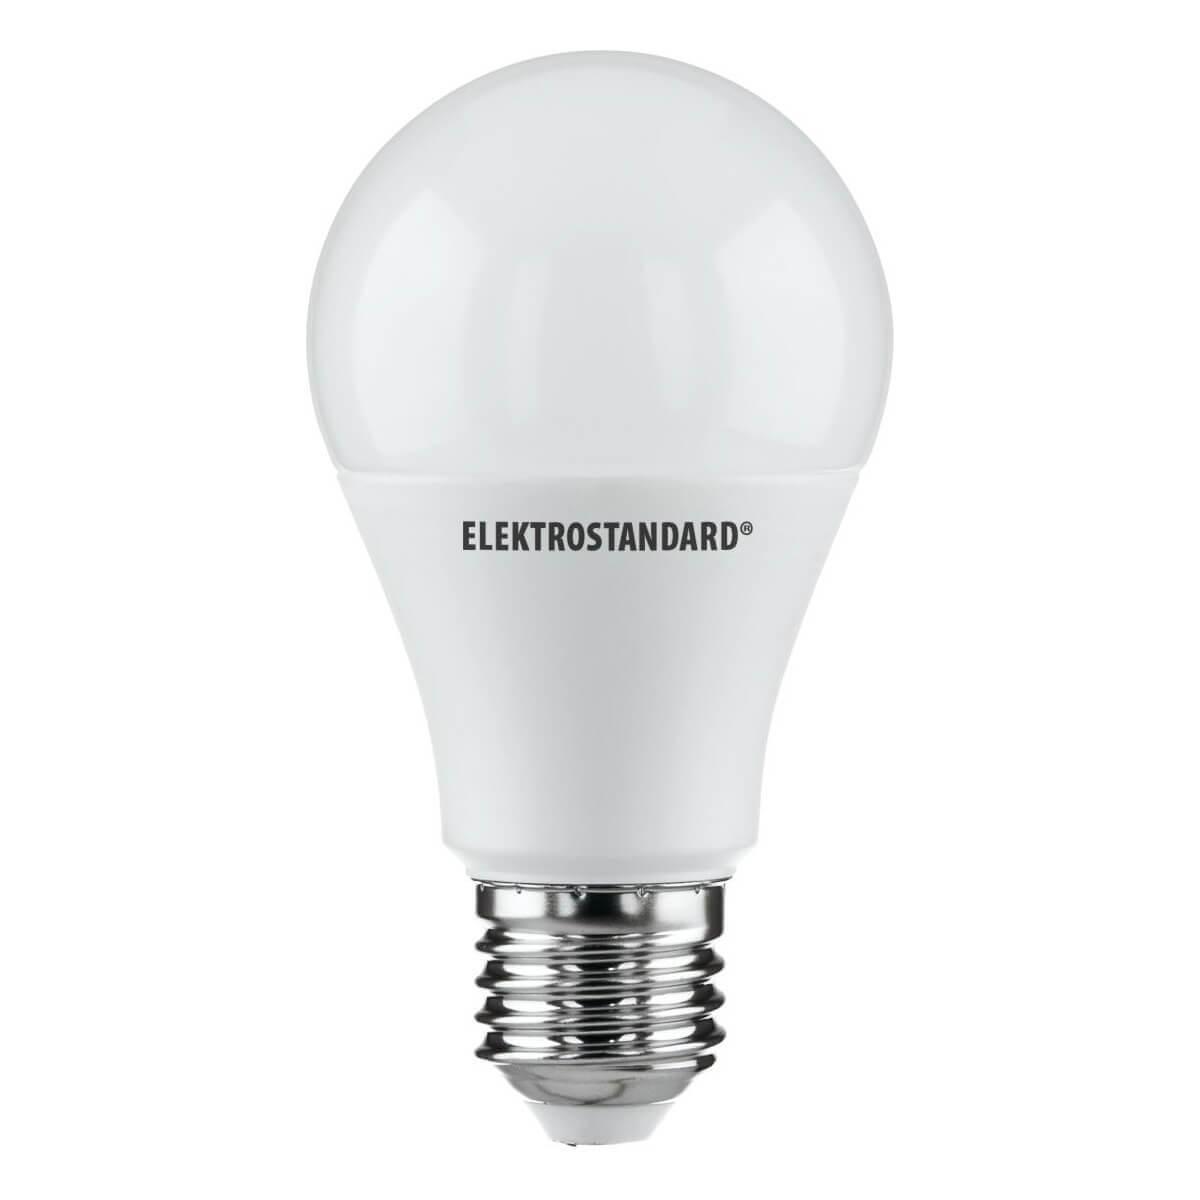 Лампа светодиодная Elektrostandard LED D E27 10W 3300K матовая 4690389085536